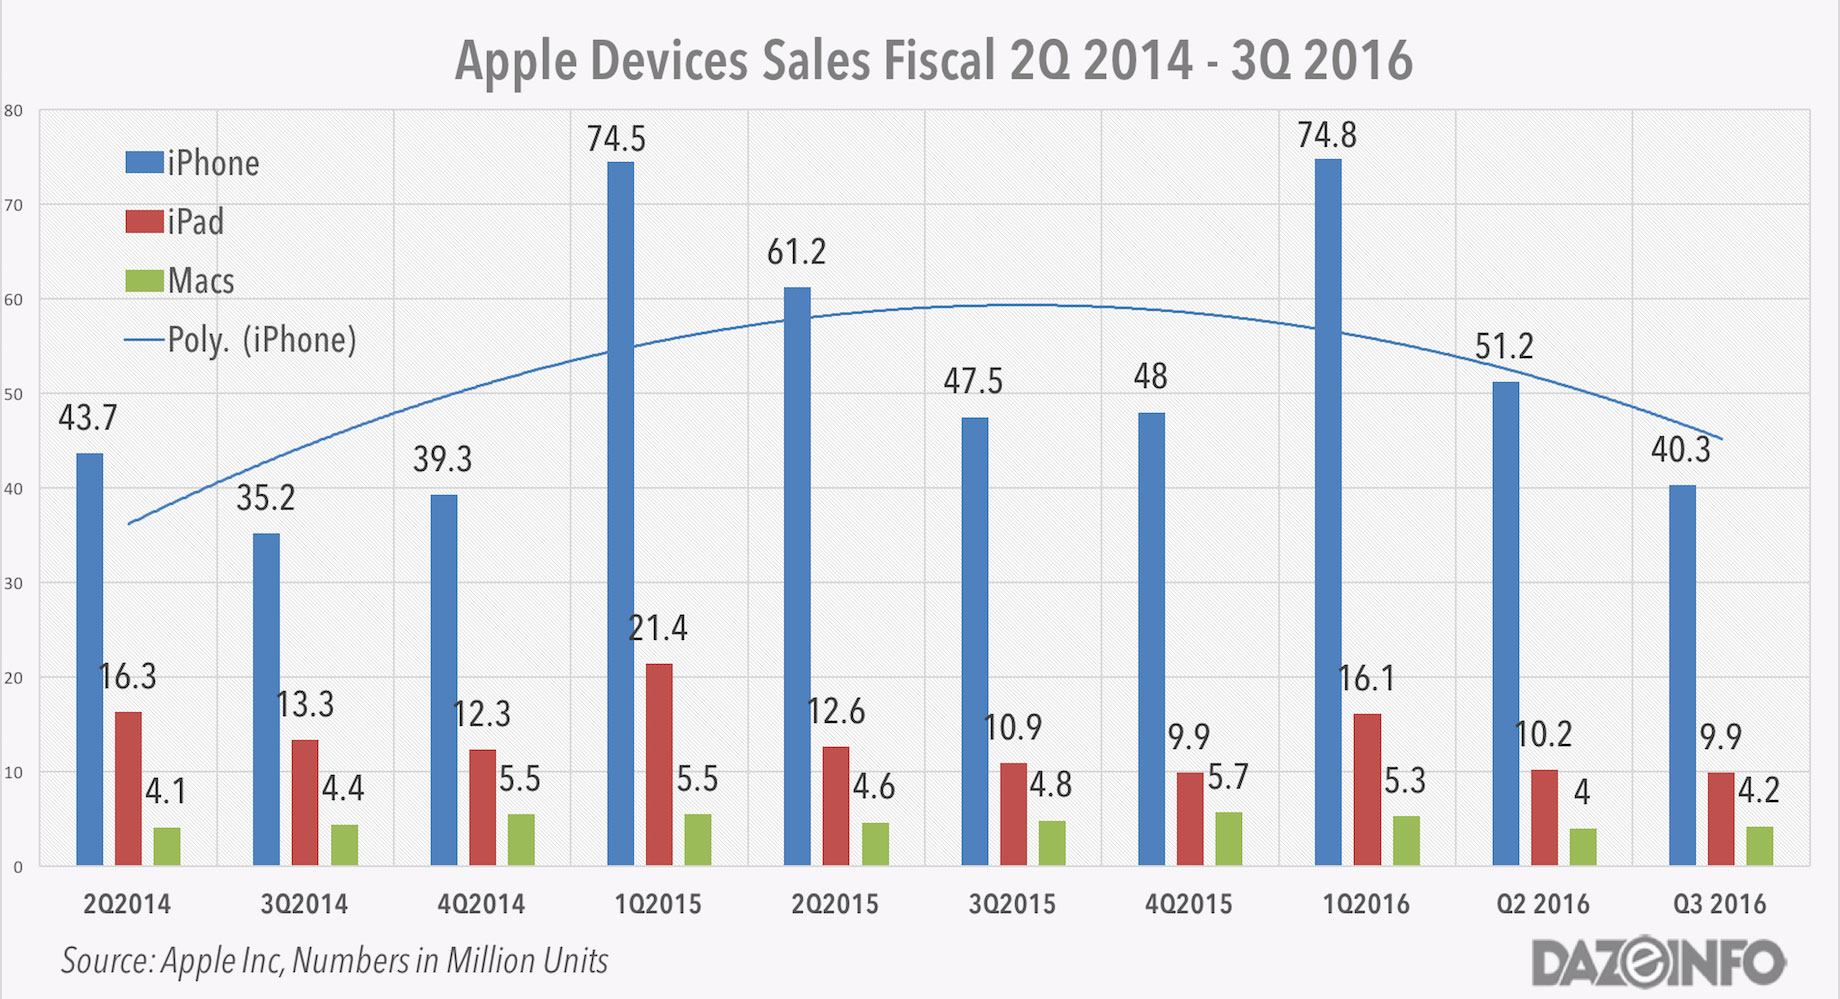 Imagem ilustrativa do declínio de vendas dos iPhones